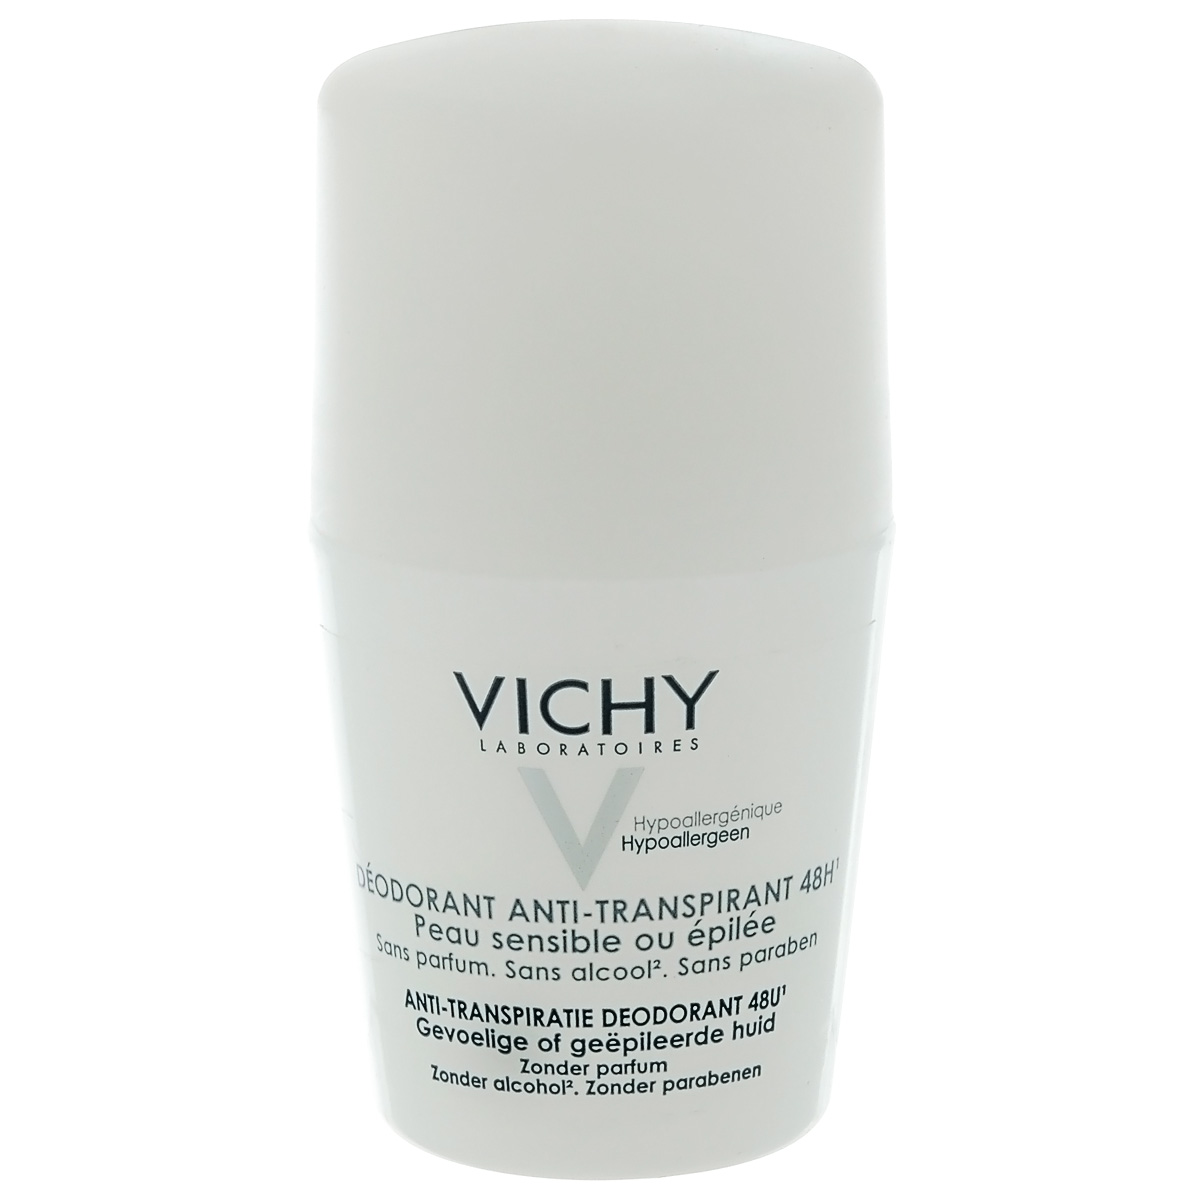 Vichy Дезодорант шариковый 48 часов, для очень чувствительной кожи, 50 млFS-36054Эффективен в течение 48 часов. Высокая переносимость. Регулирует избыточное потоотделение, не содержит спирта. Благодаря аминокомплексу растительного происхождения, быстро снимает раздражение кожи и ощущение дискомфорта.